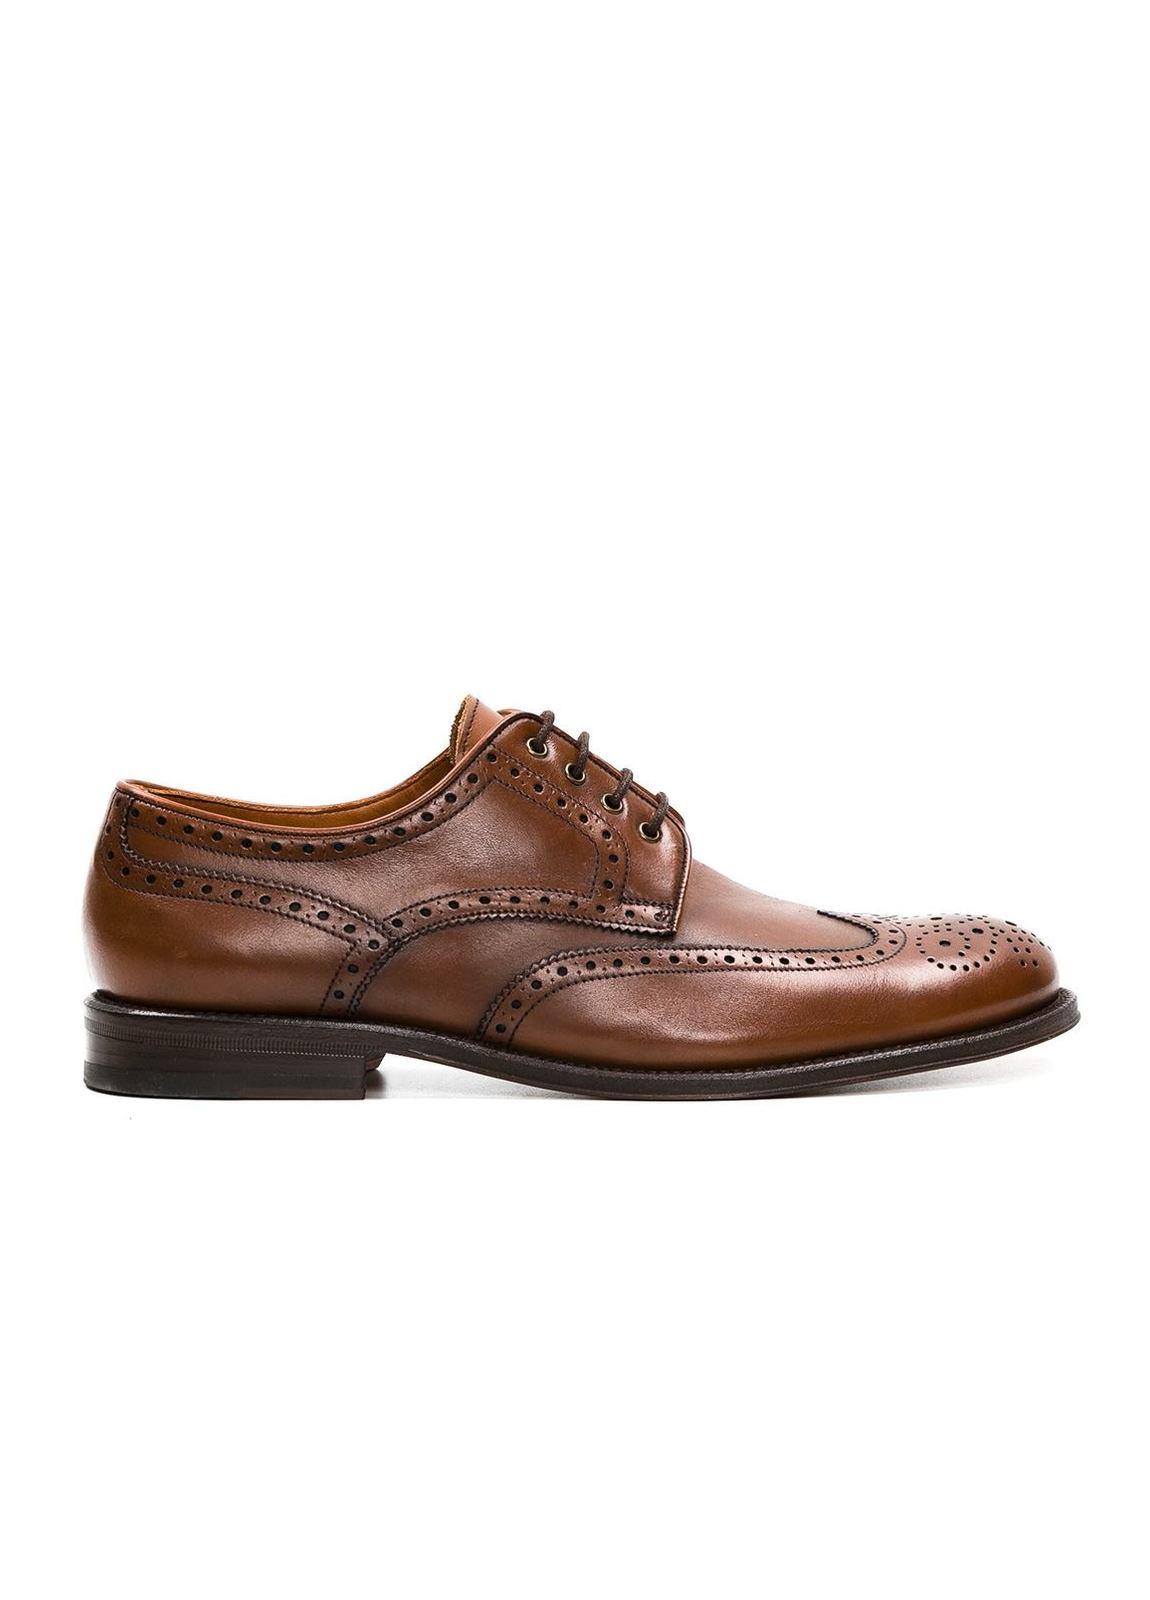 Zapato Formal Wear color marrón con detalles troquelados, 100% Piel.